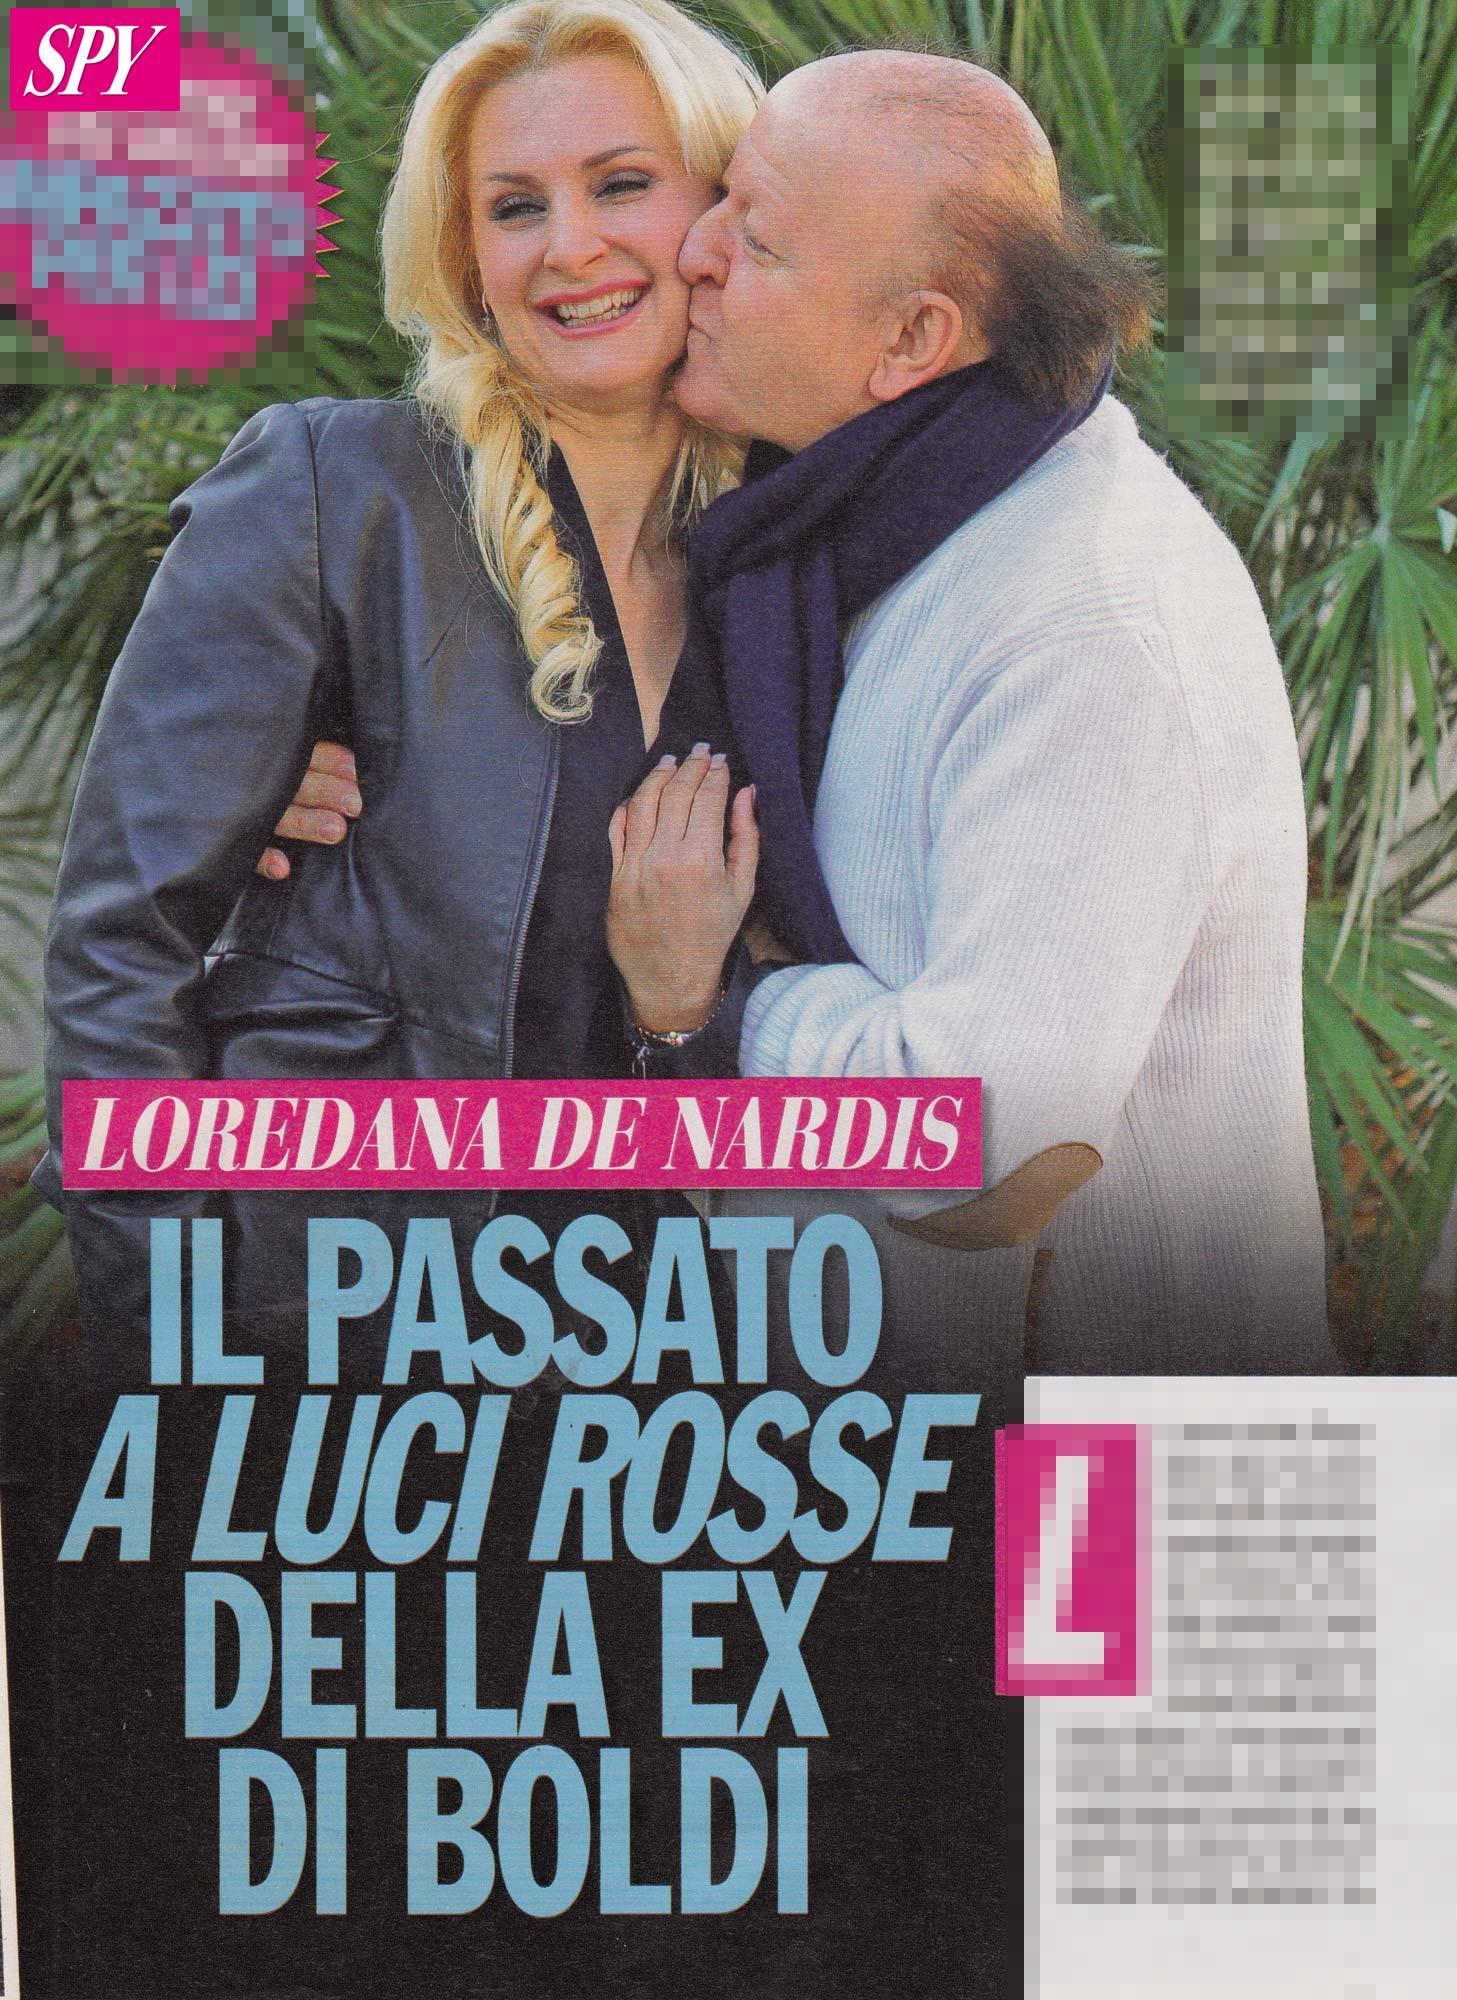 Massimo Boldi, le foto del passato a luci rosse della sua ex